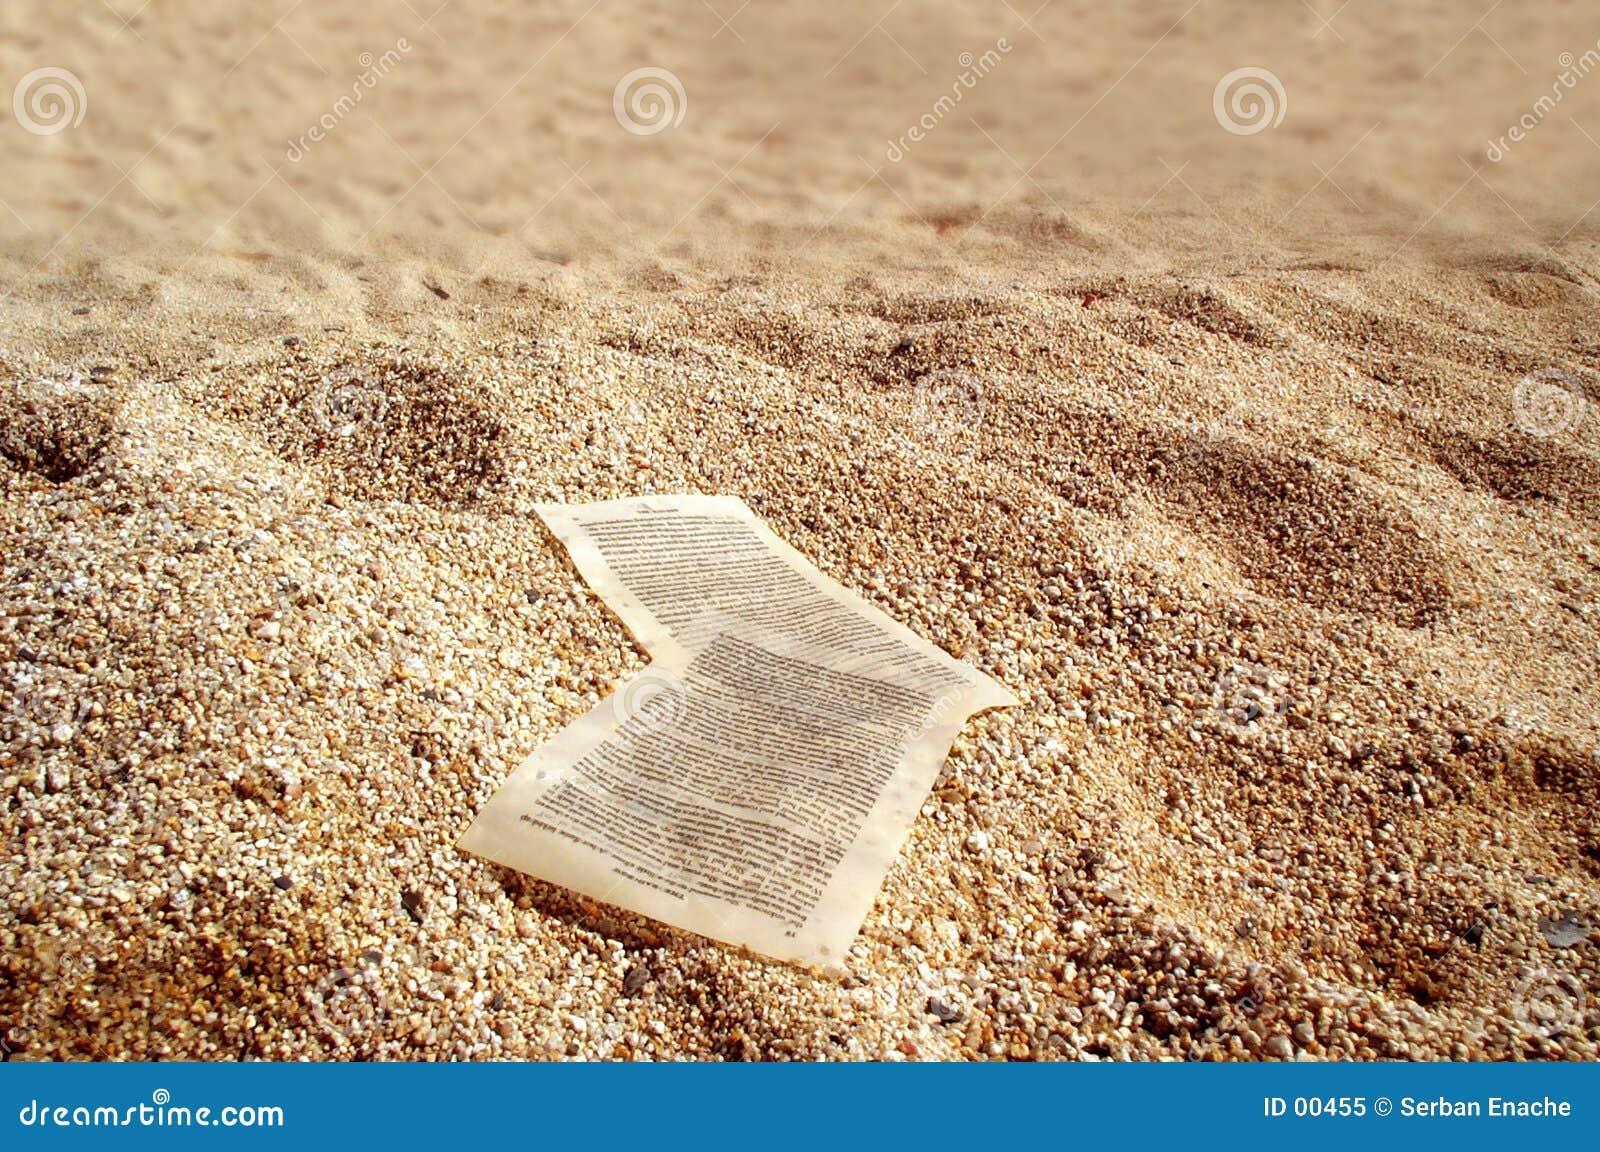 золотистая бумага зашкурит листы